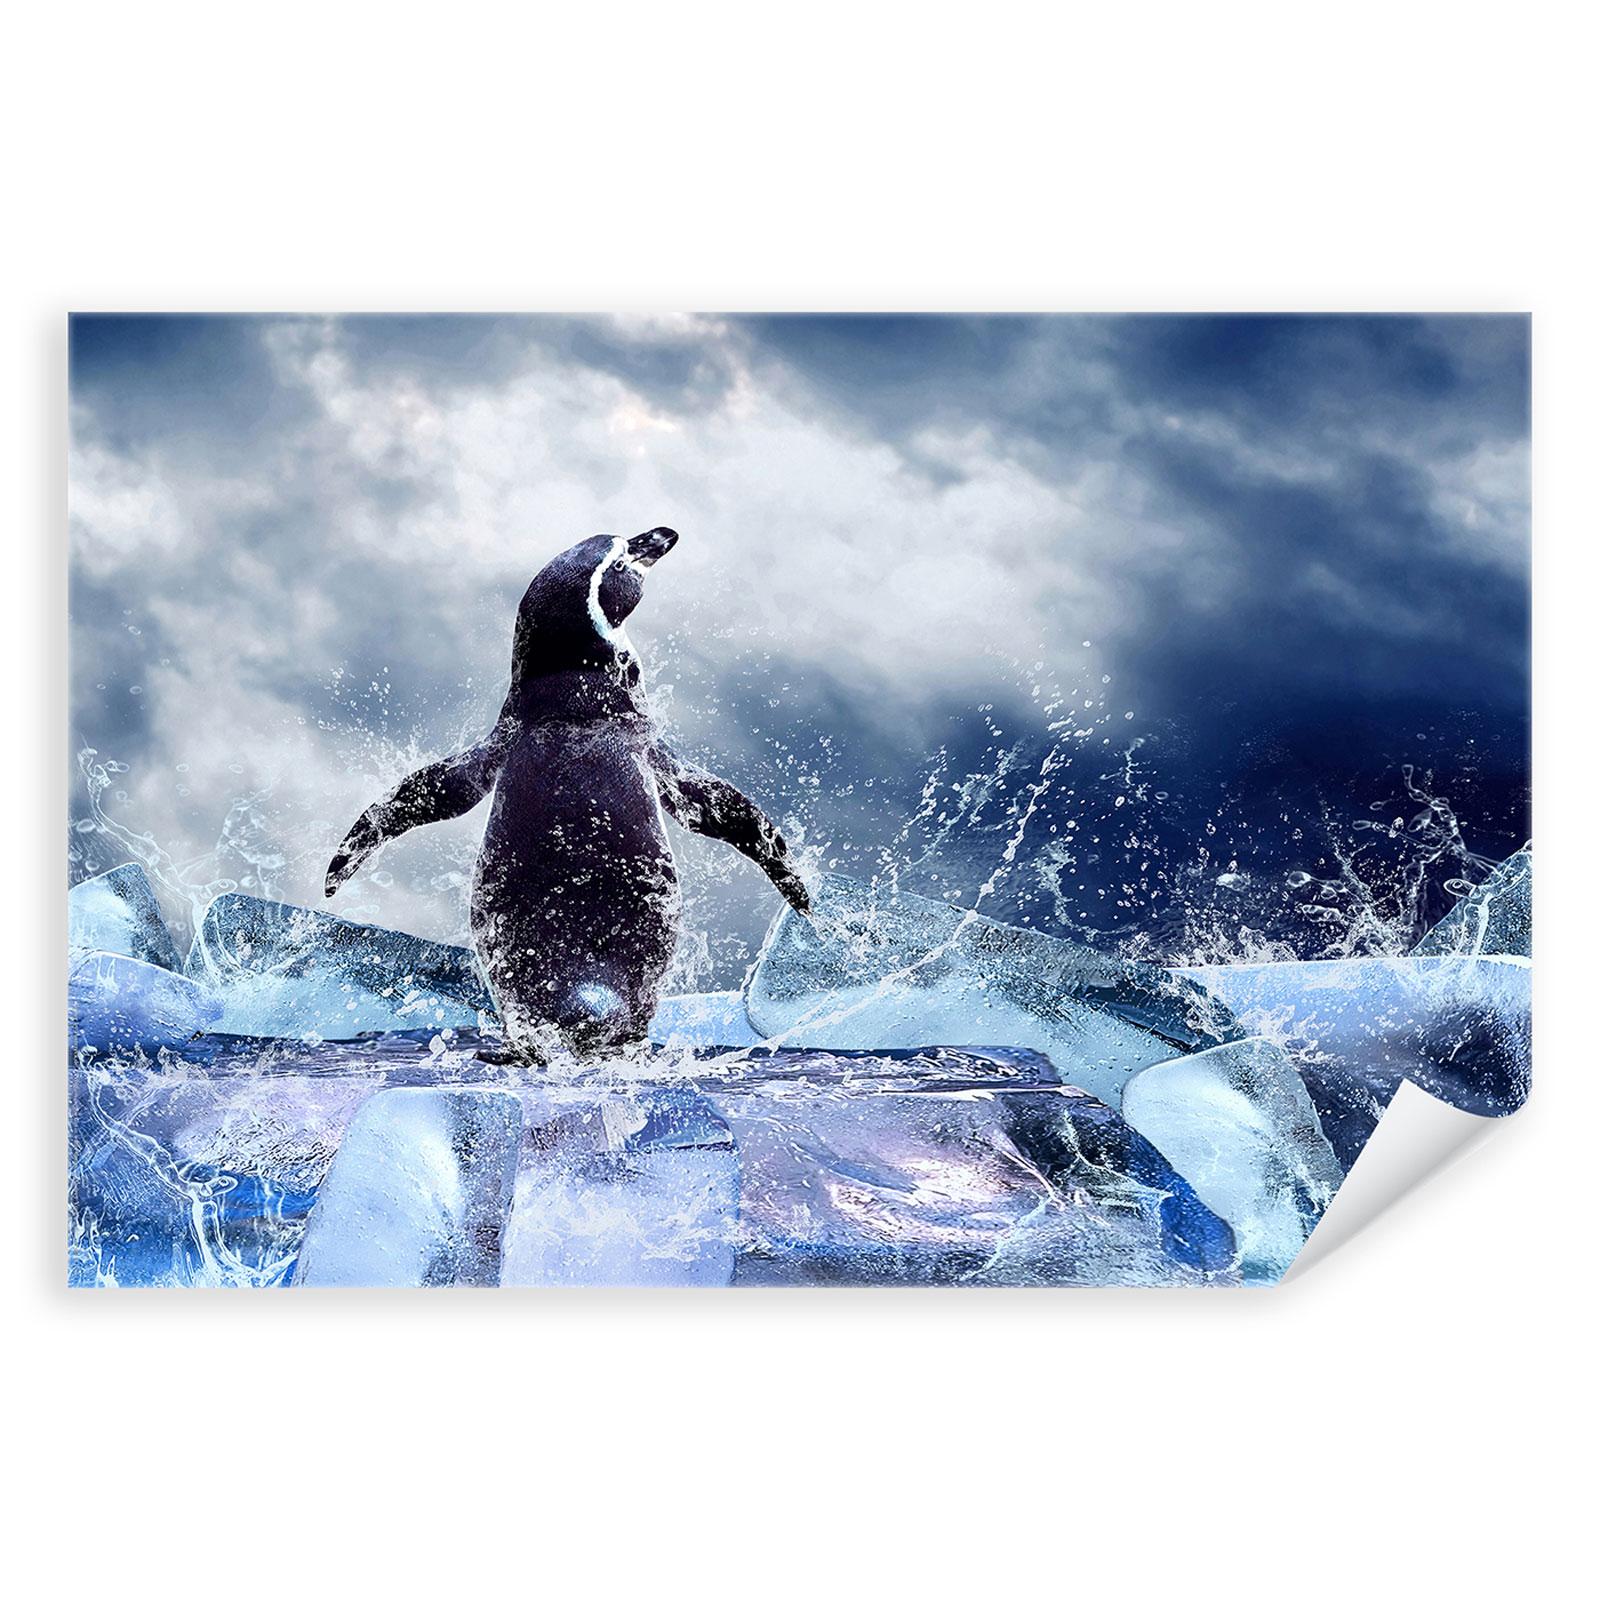 Postereck 0184 Poster Leinwand Kajak Wasserfall Sport Sprung Wasser Fluss Boot